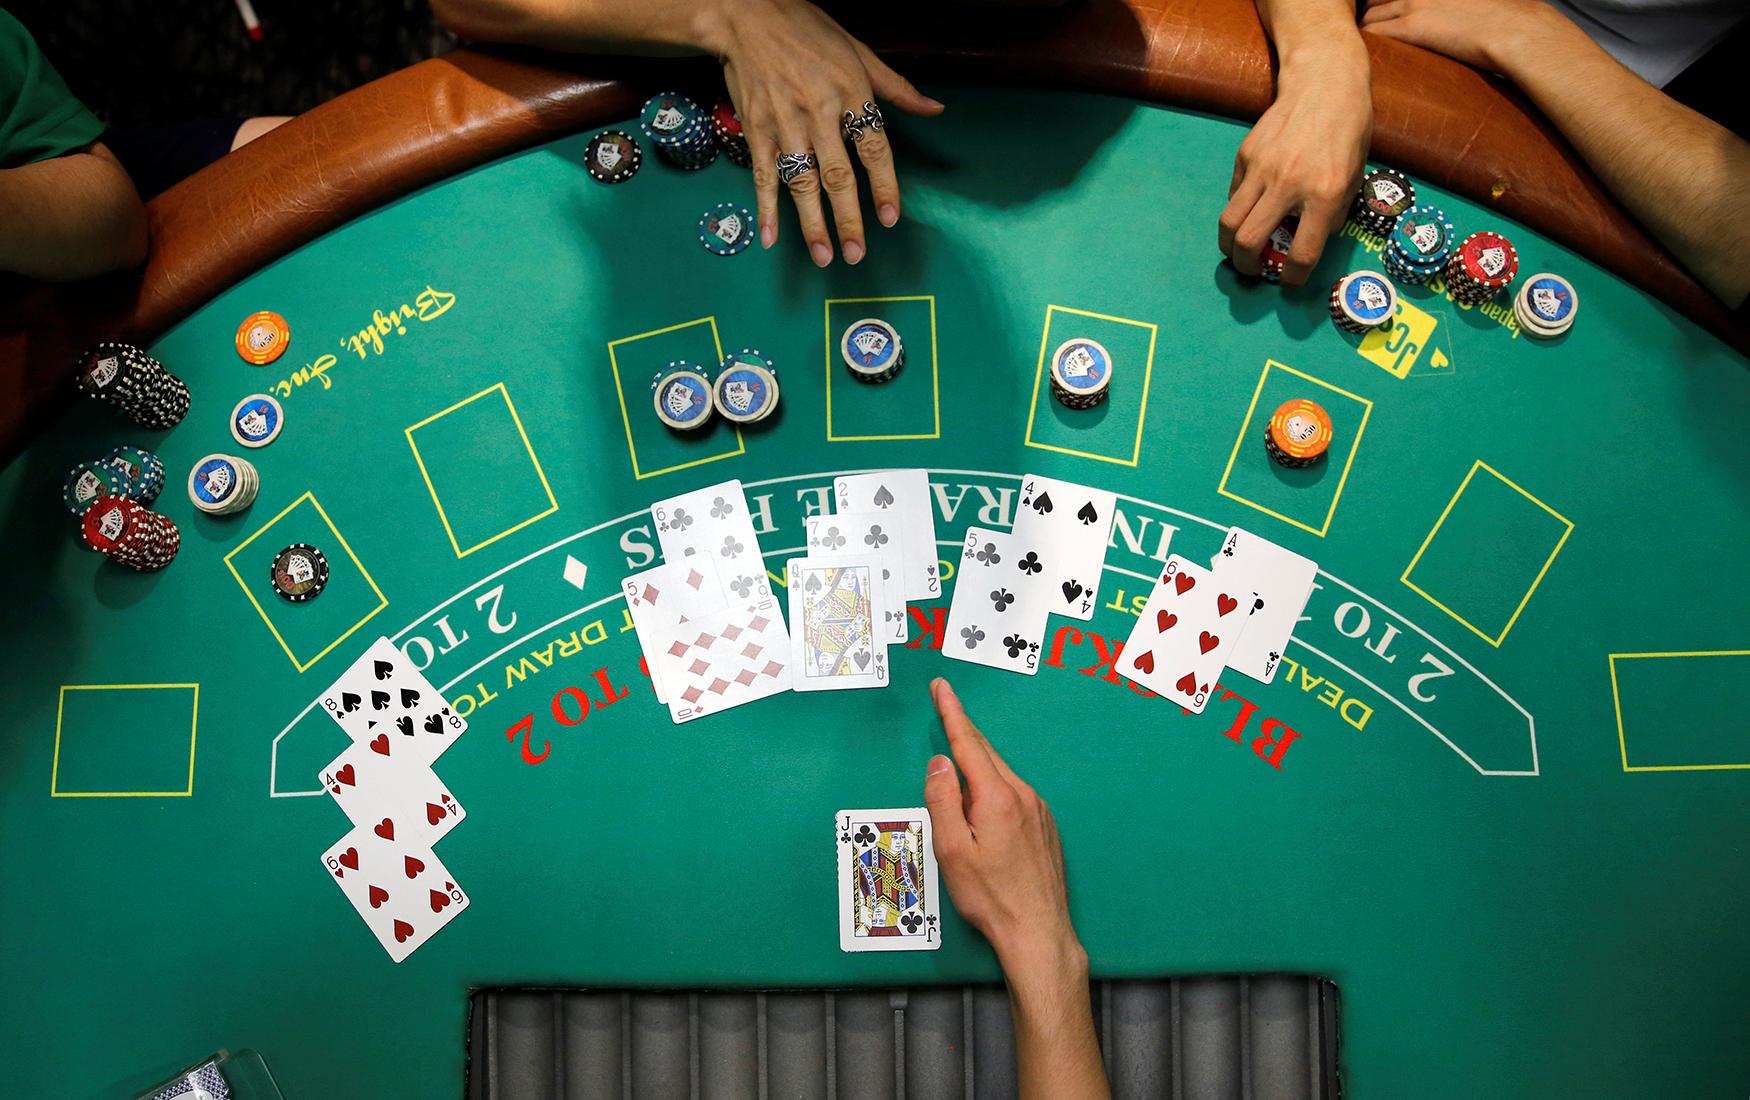 Нейробиологи в казино: что творится в голове игрока